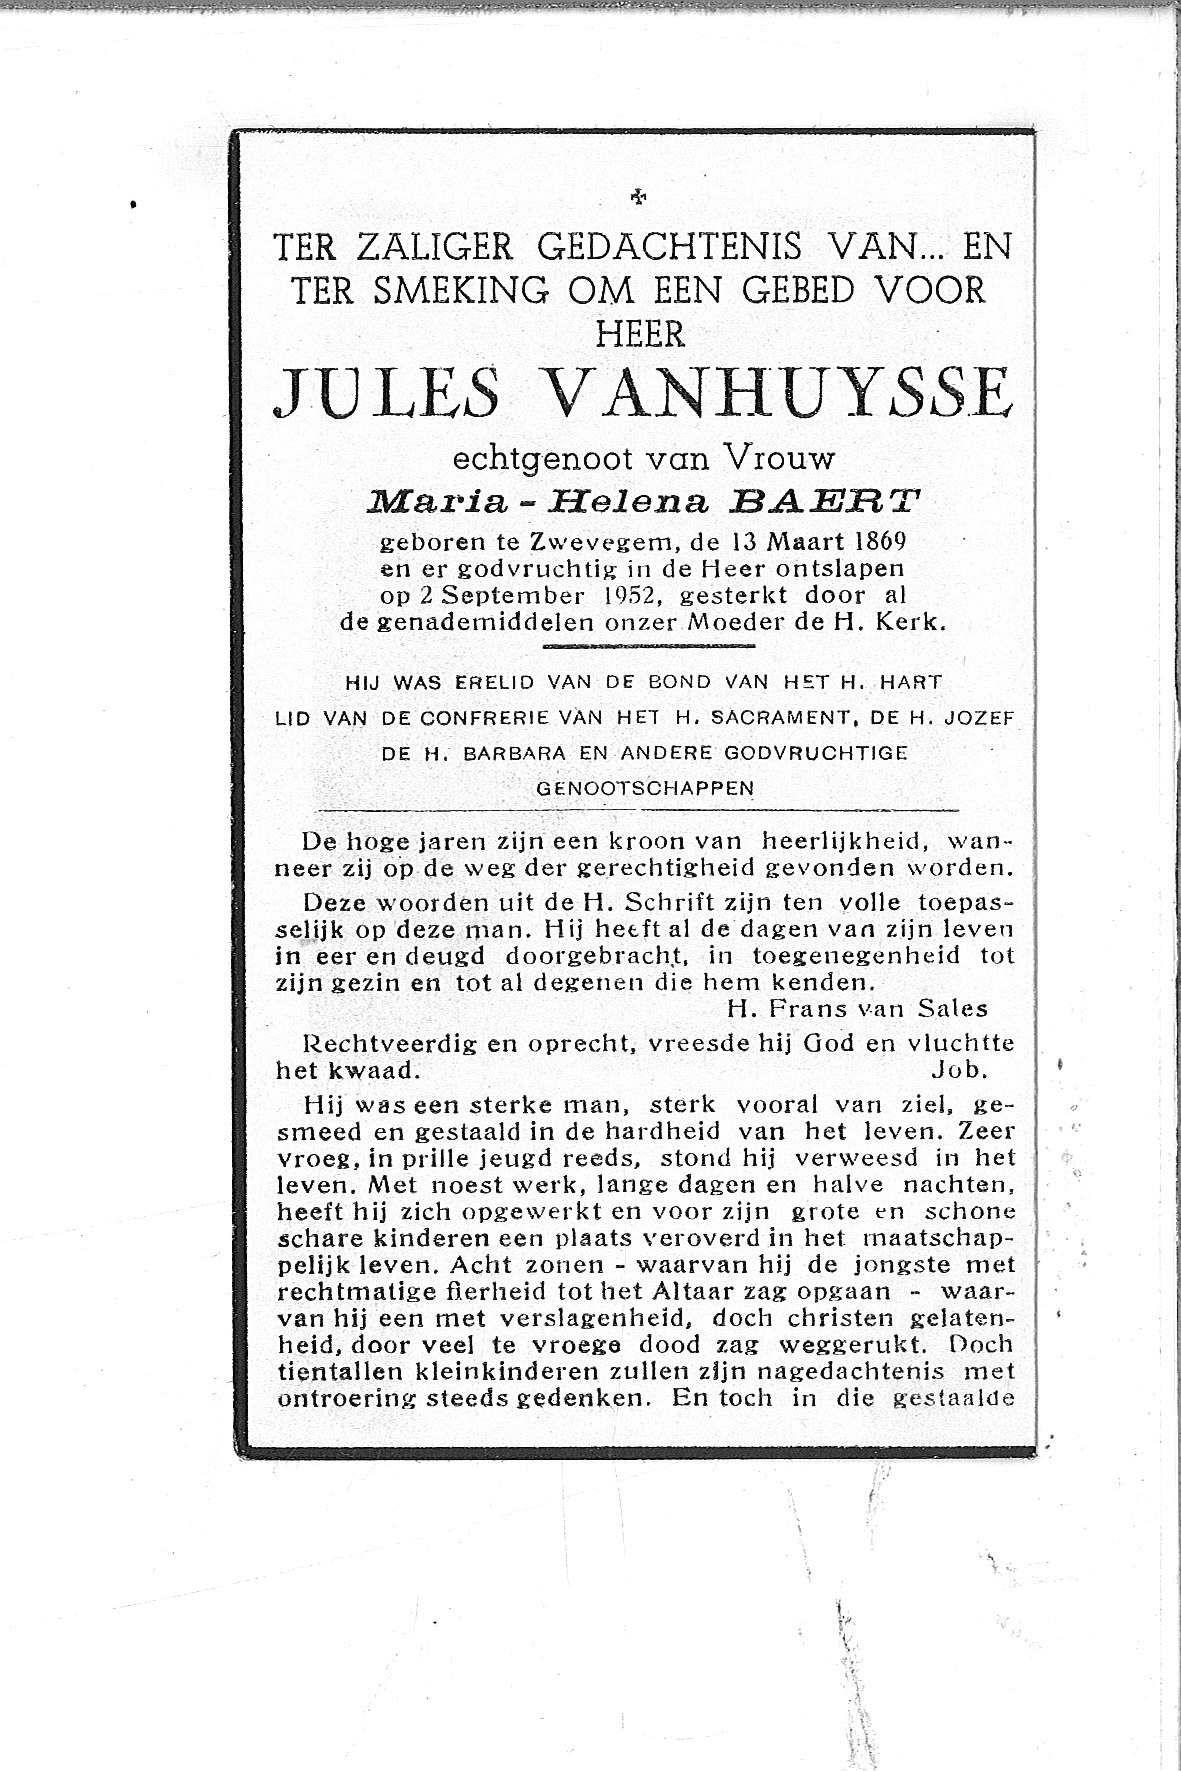 Jules(1952)20130902093136_00034.jpg